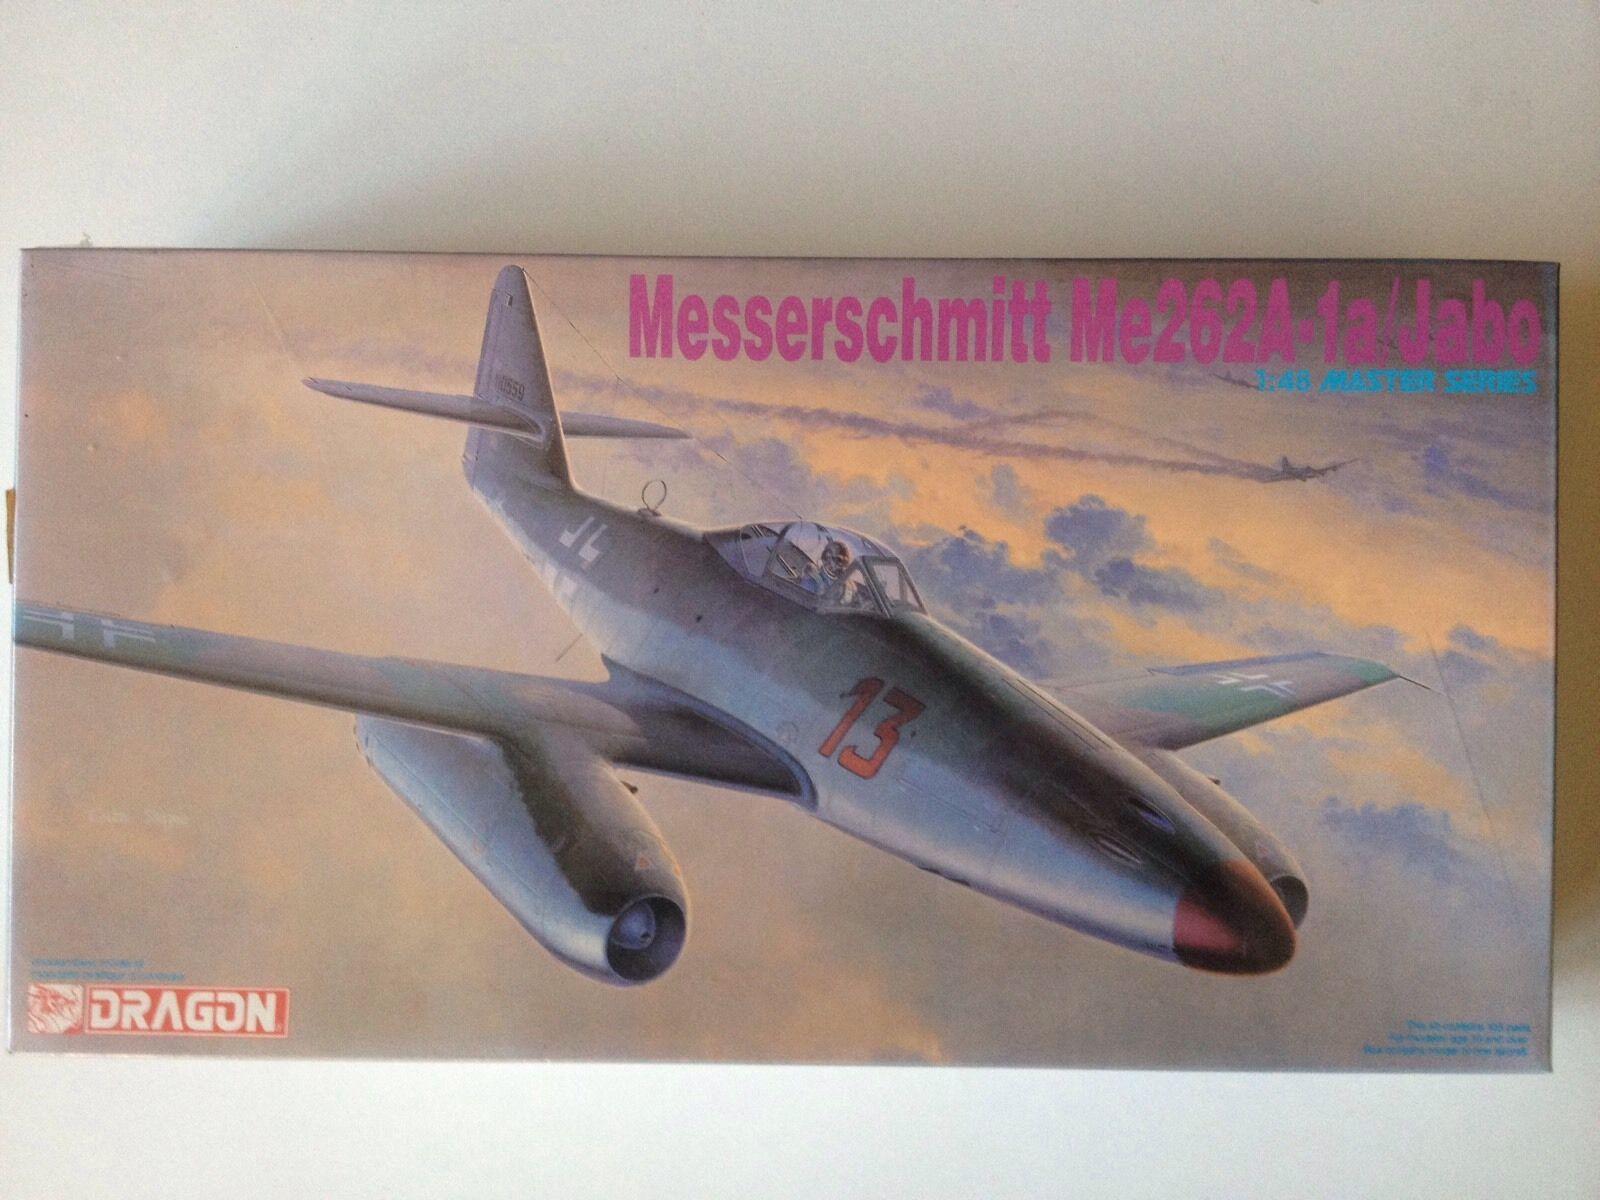 Messerschmitt Me 262A-1a  Jabo - Masters serie - M 1 48